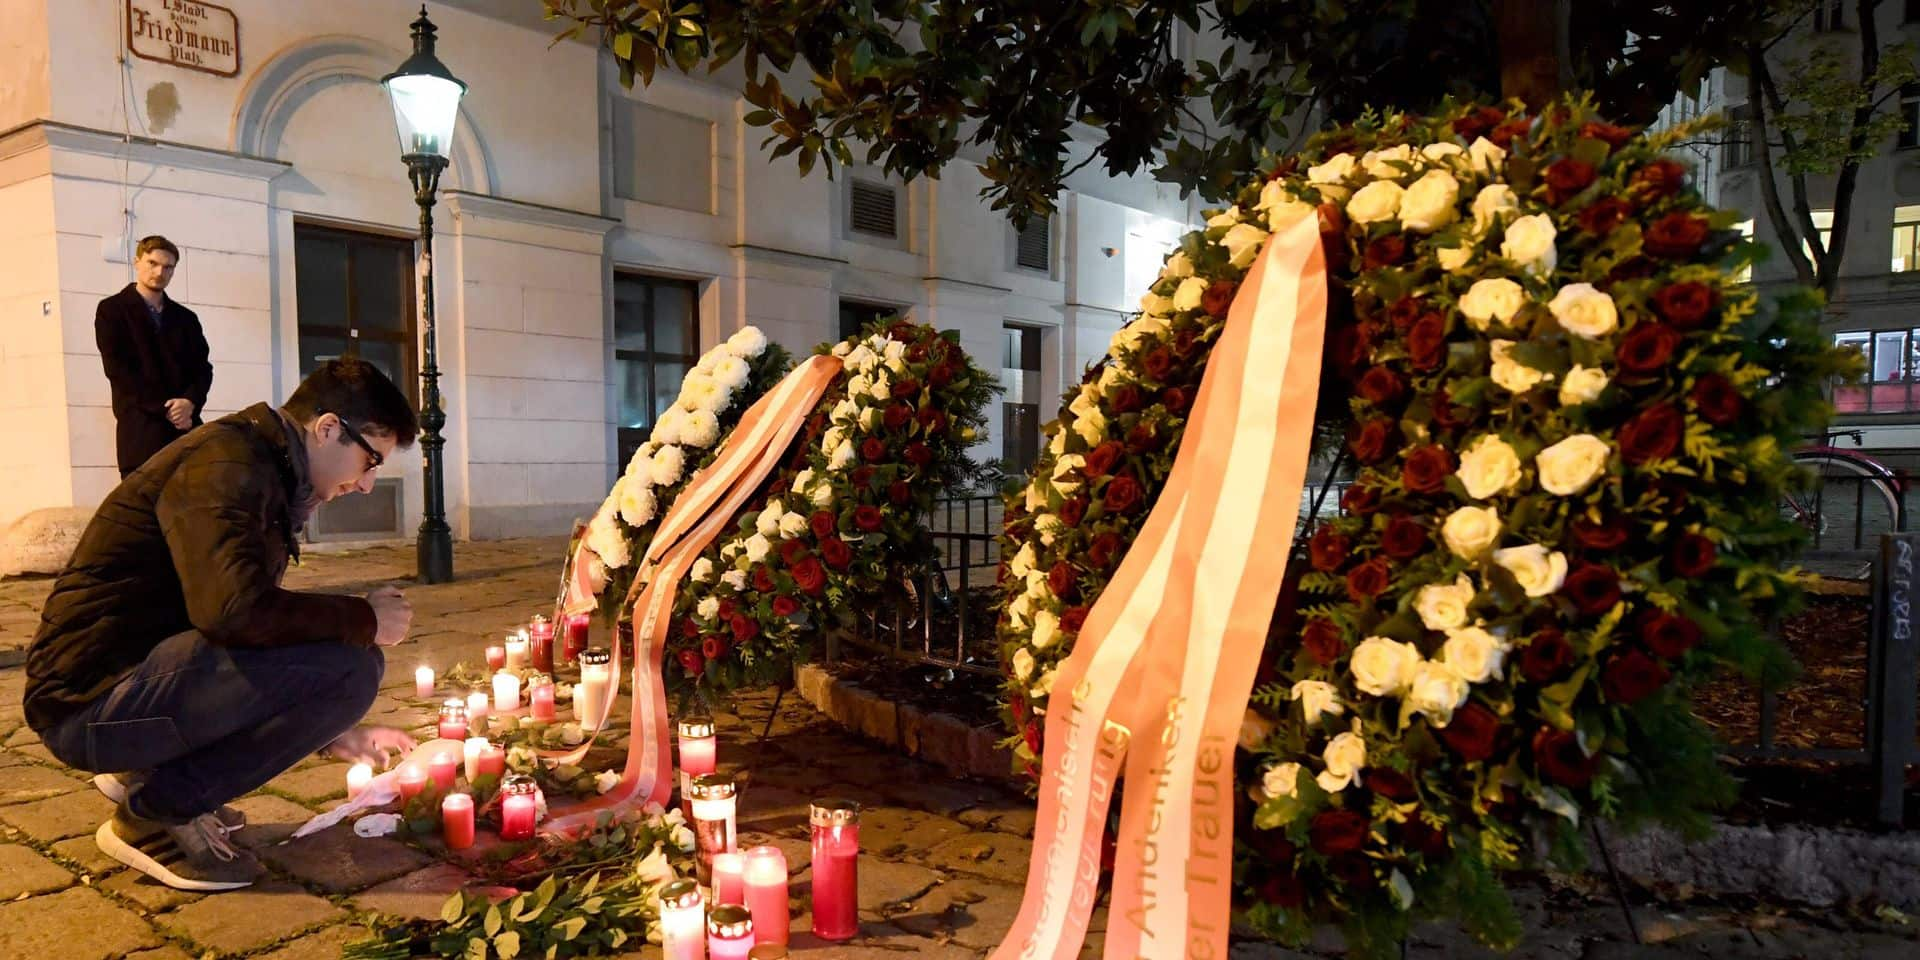 Attaques à Vienne: la Slovaquie avait averti l'Autriche de la tentative d'achat de munitions de l'assaillant